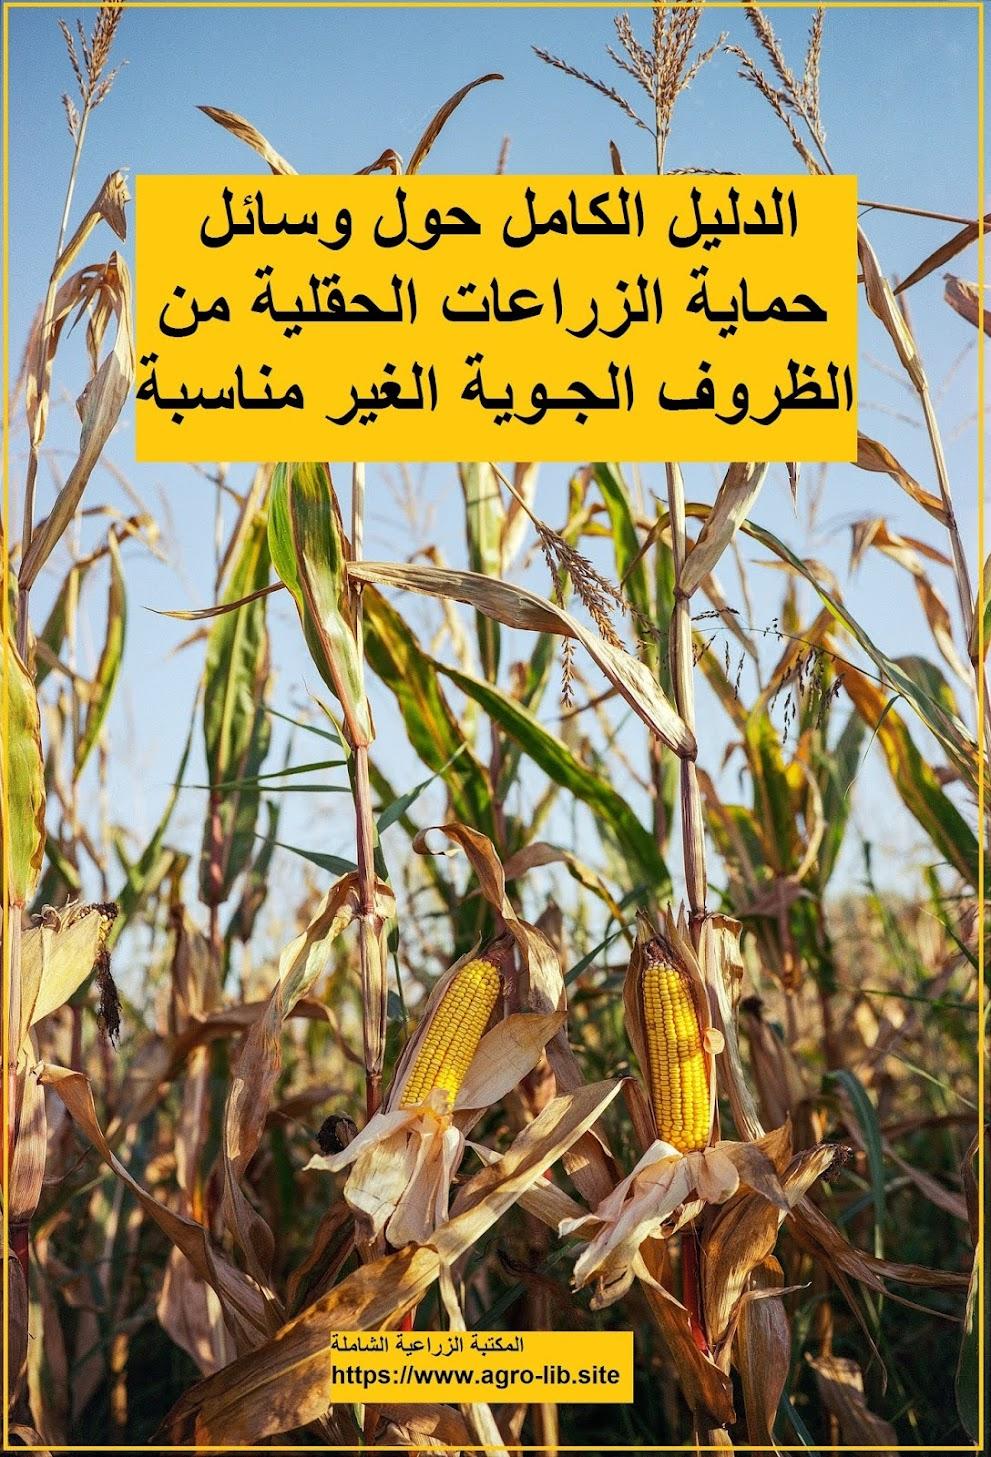 كتاب : الدليل الكامل حول وسائل حماية الزراعات الحقلية من الظروف الجوية الغير مناسبة